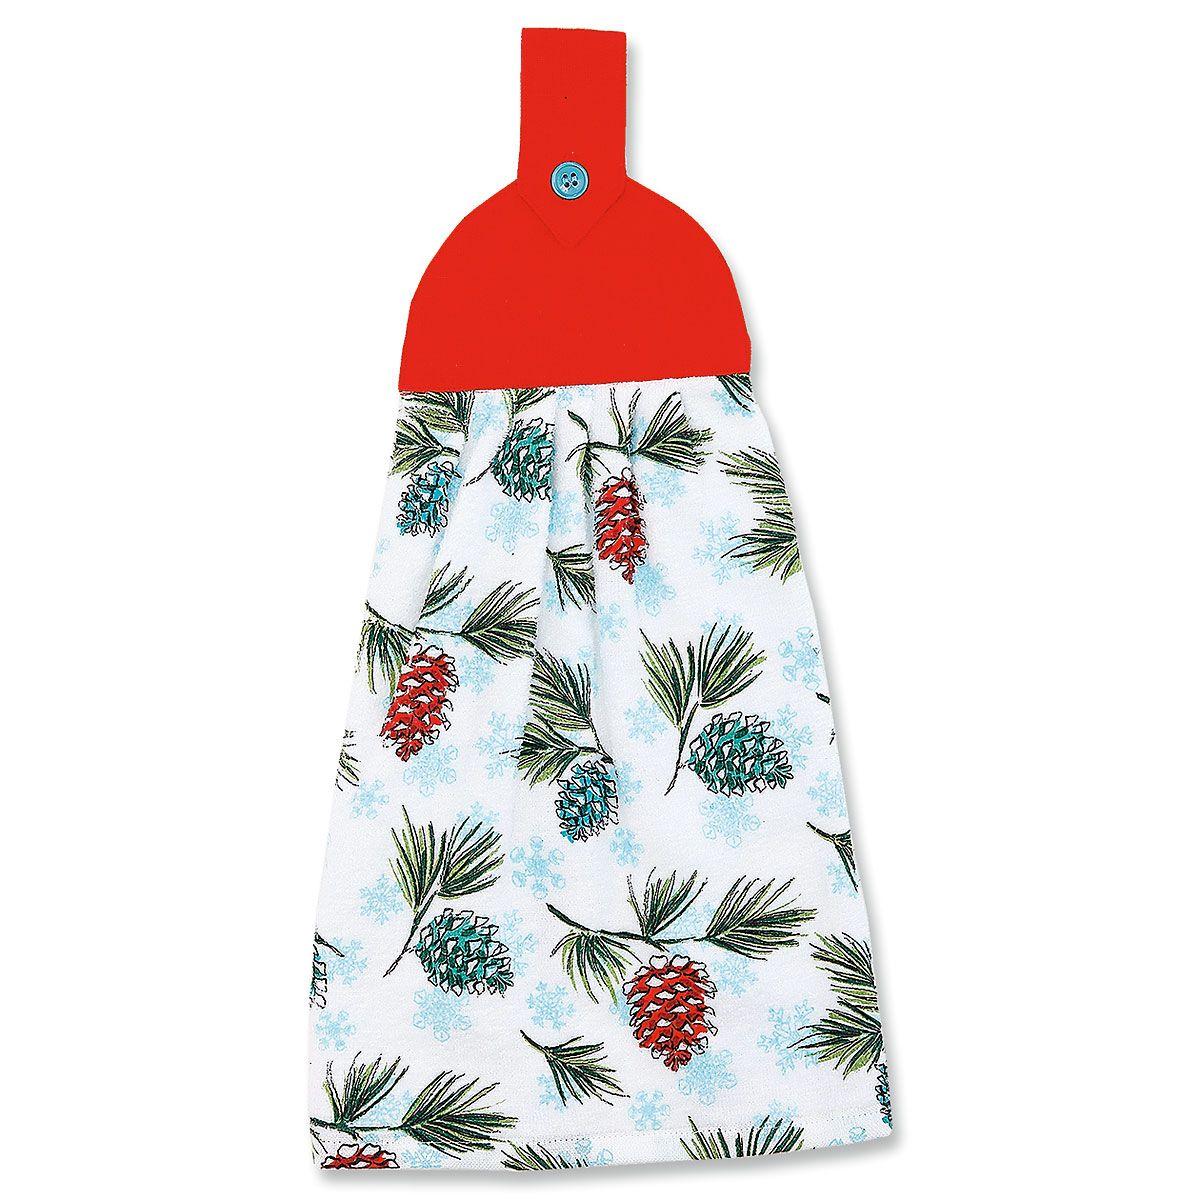 Pine Cone Tie Towel